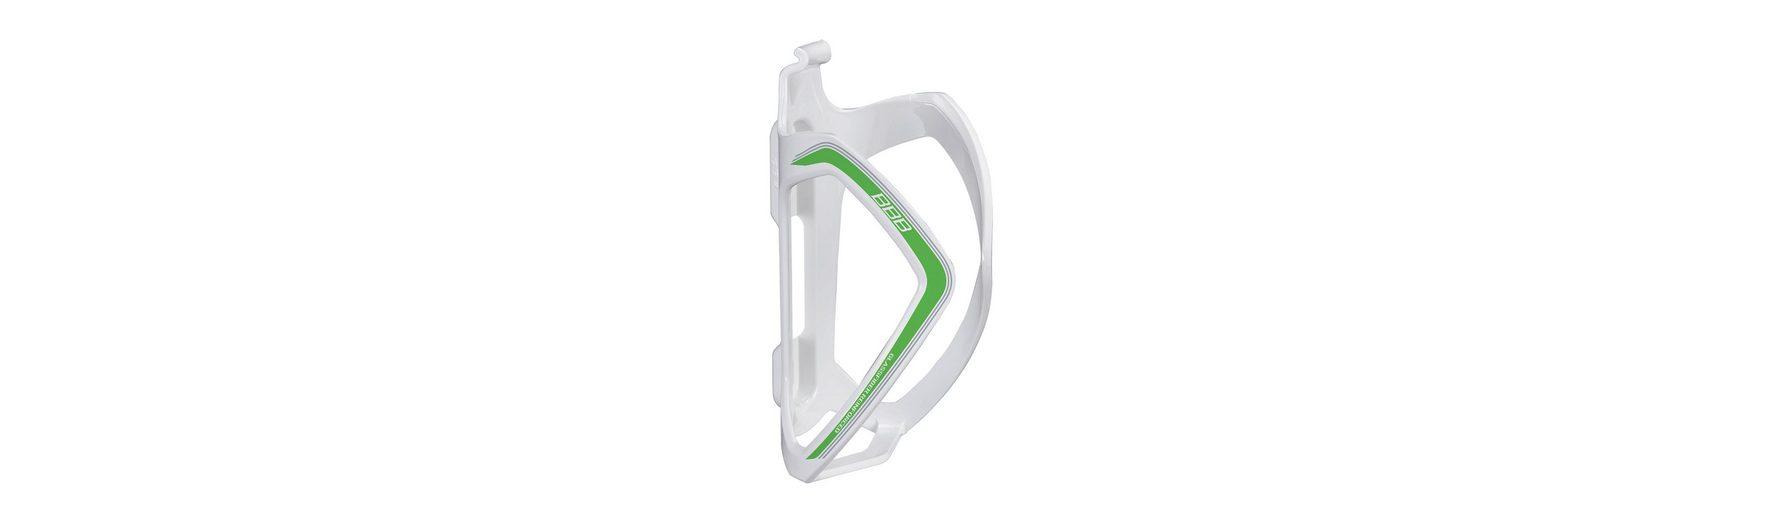 BBB Trinkflaschenhalter »FlexCage BBC-36 Flaschenhalter weiß/grün«